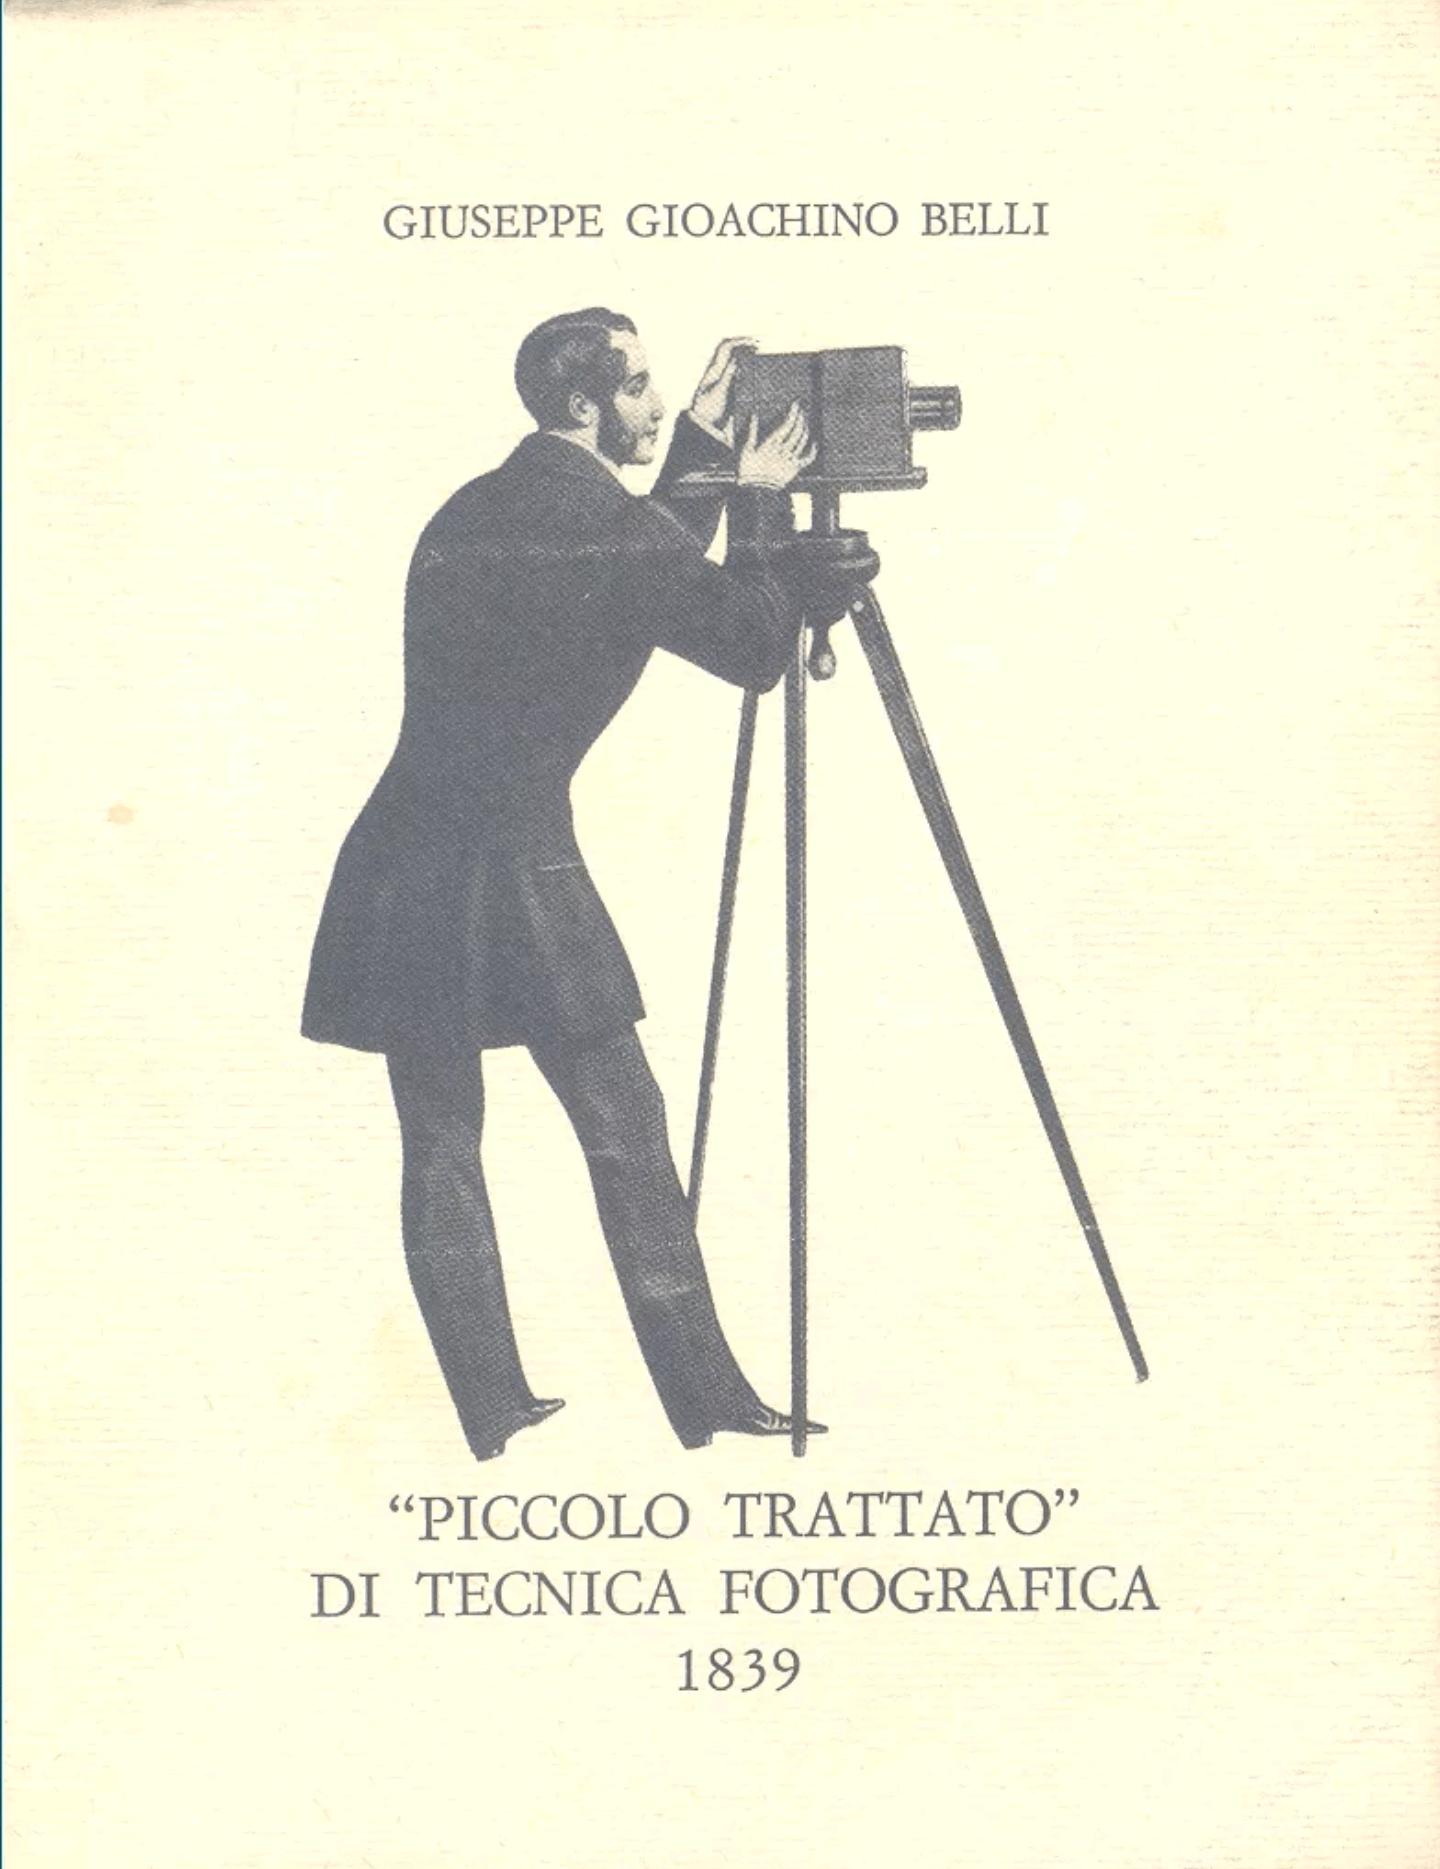 """""""Piccolo trattato"""" di tecnica fotografica, di Giuseppe Gioachino Belli"""